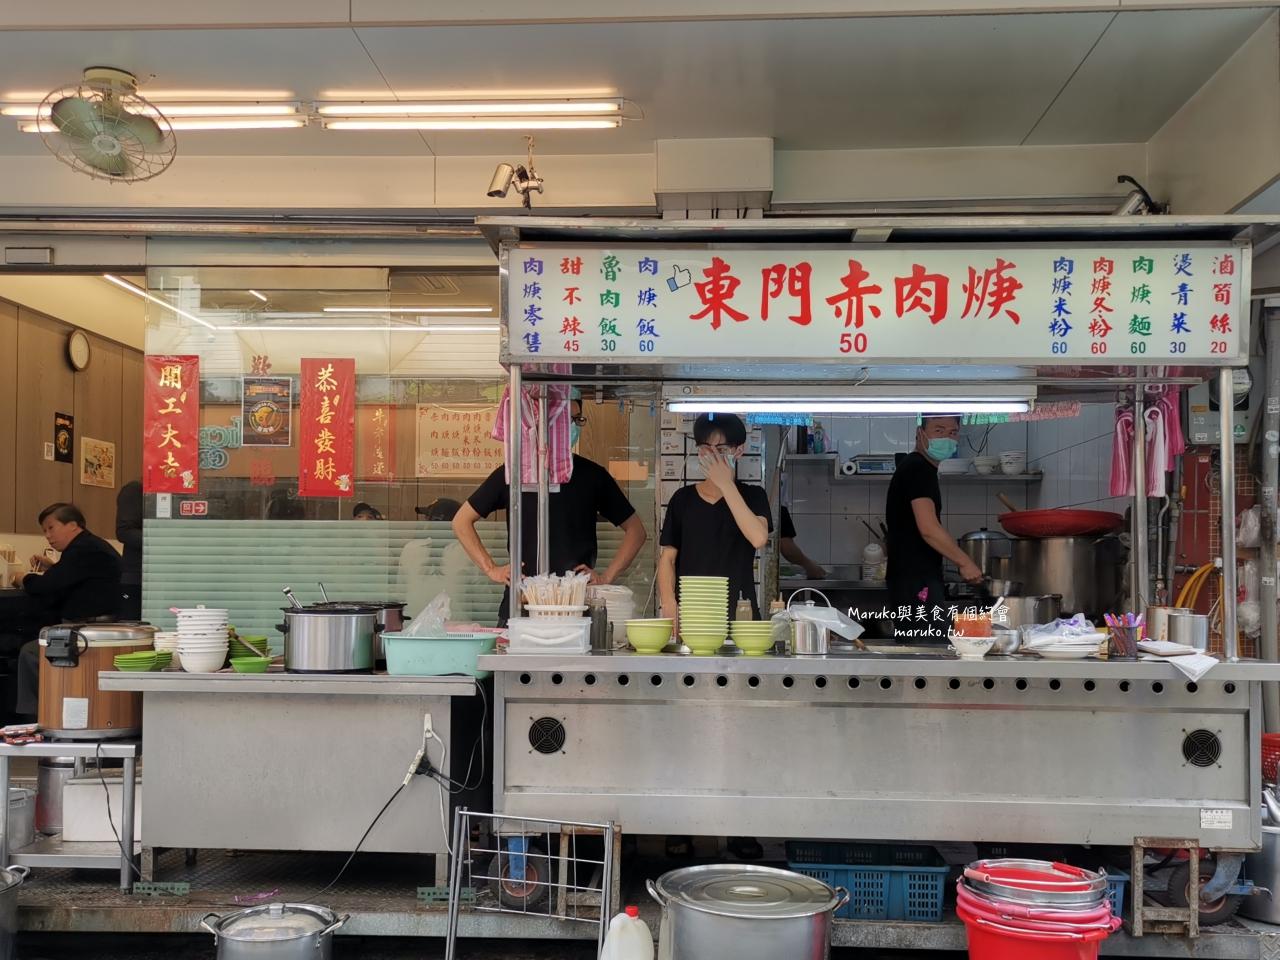 【台北】東門赤肉羹 市場內40年老店滿滿赤肉羹湯 老饕這樣點 捷運東門站中式小吃 @Maruko與美食有個約會